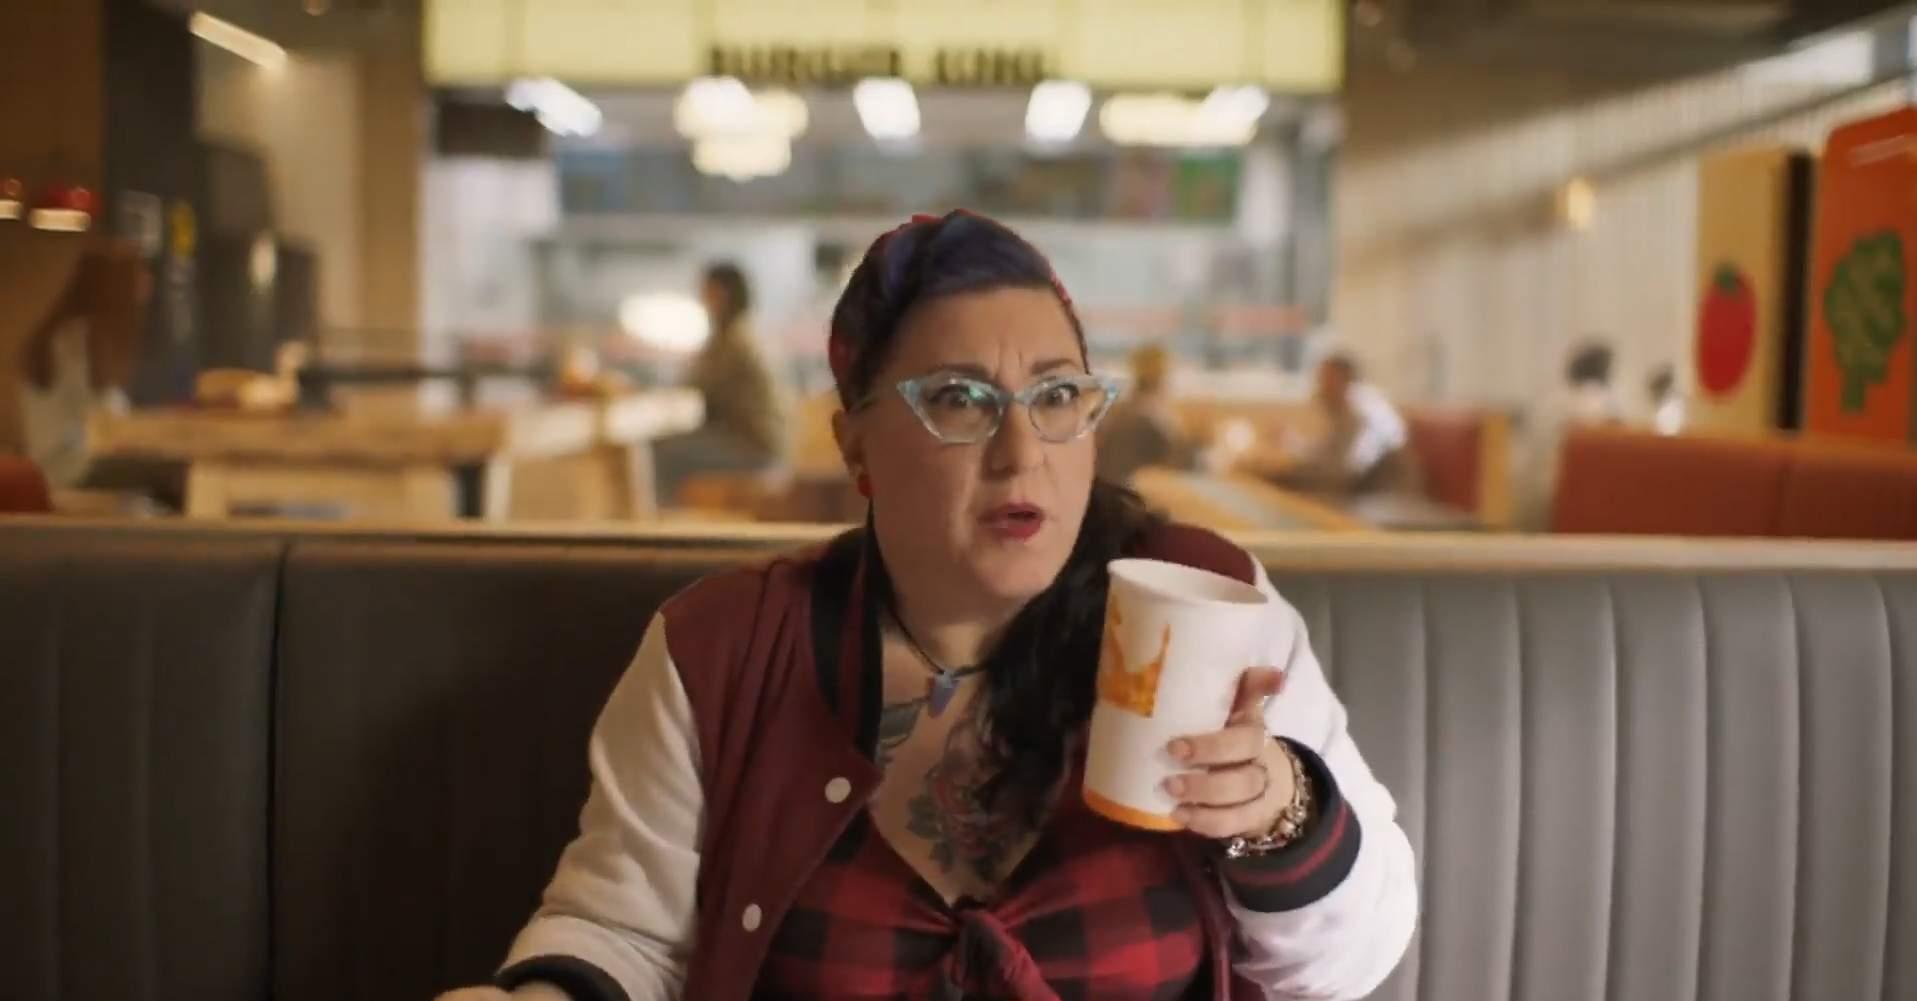 La hamburguesa más americana de Burger King